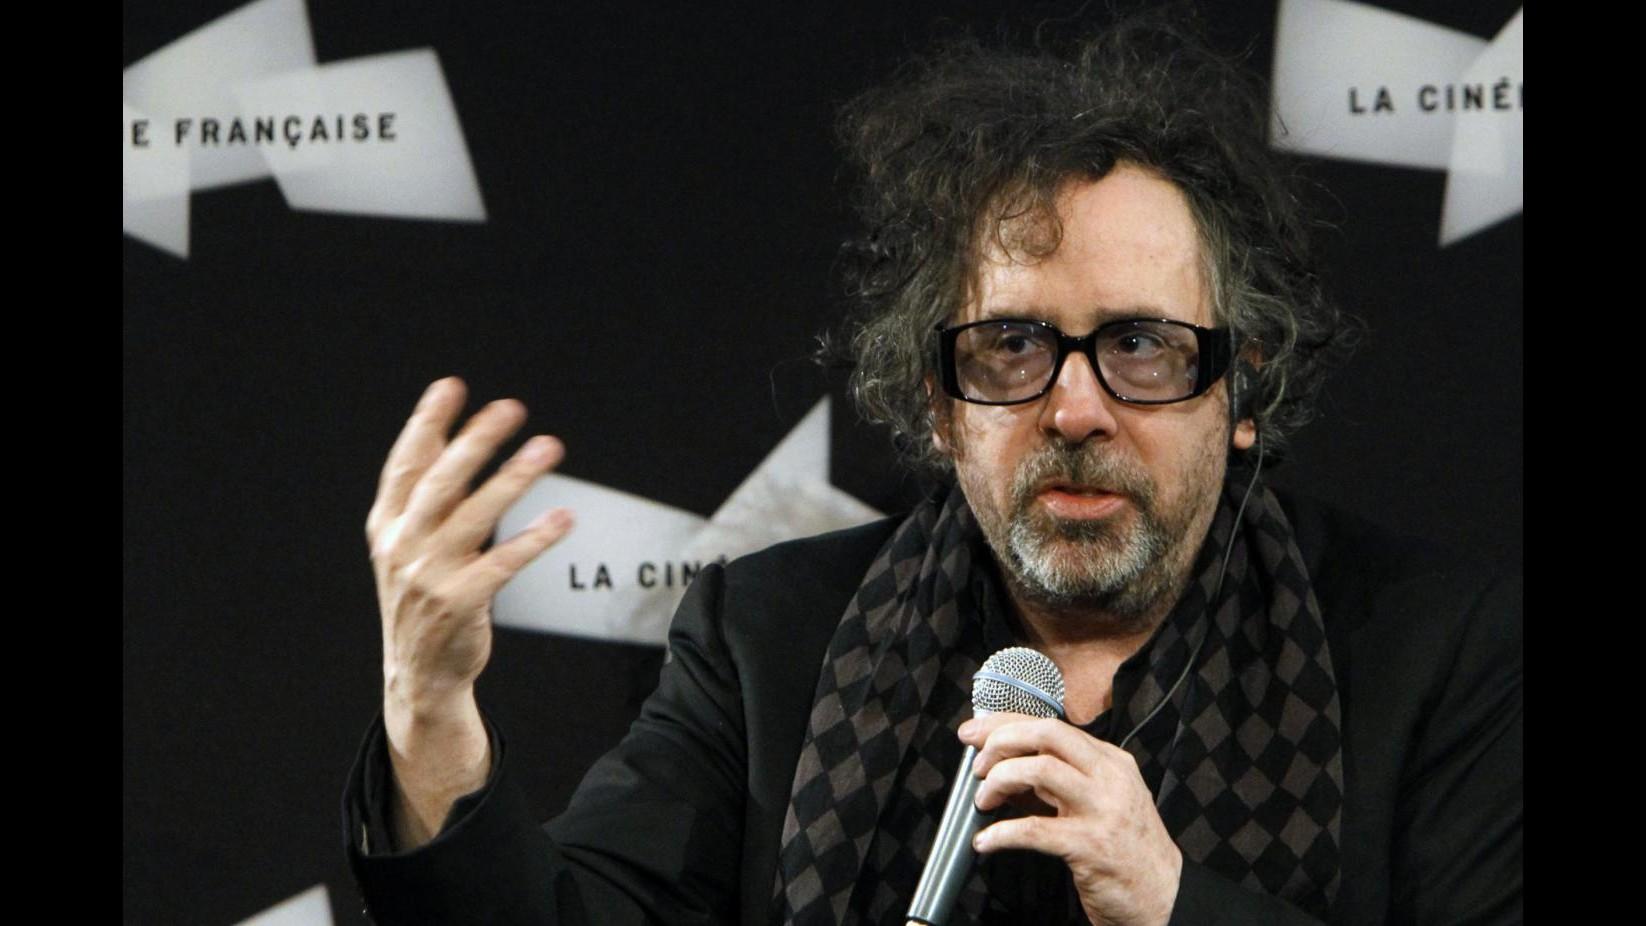 Tim Burton pensa a 'Beetlejuice 2', ma solo se lo script merita